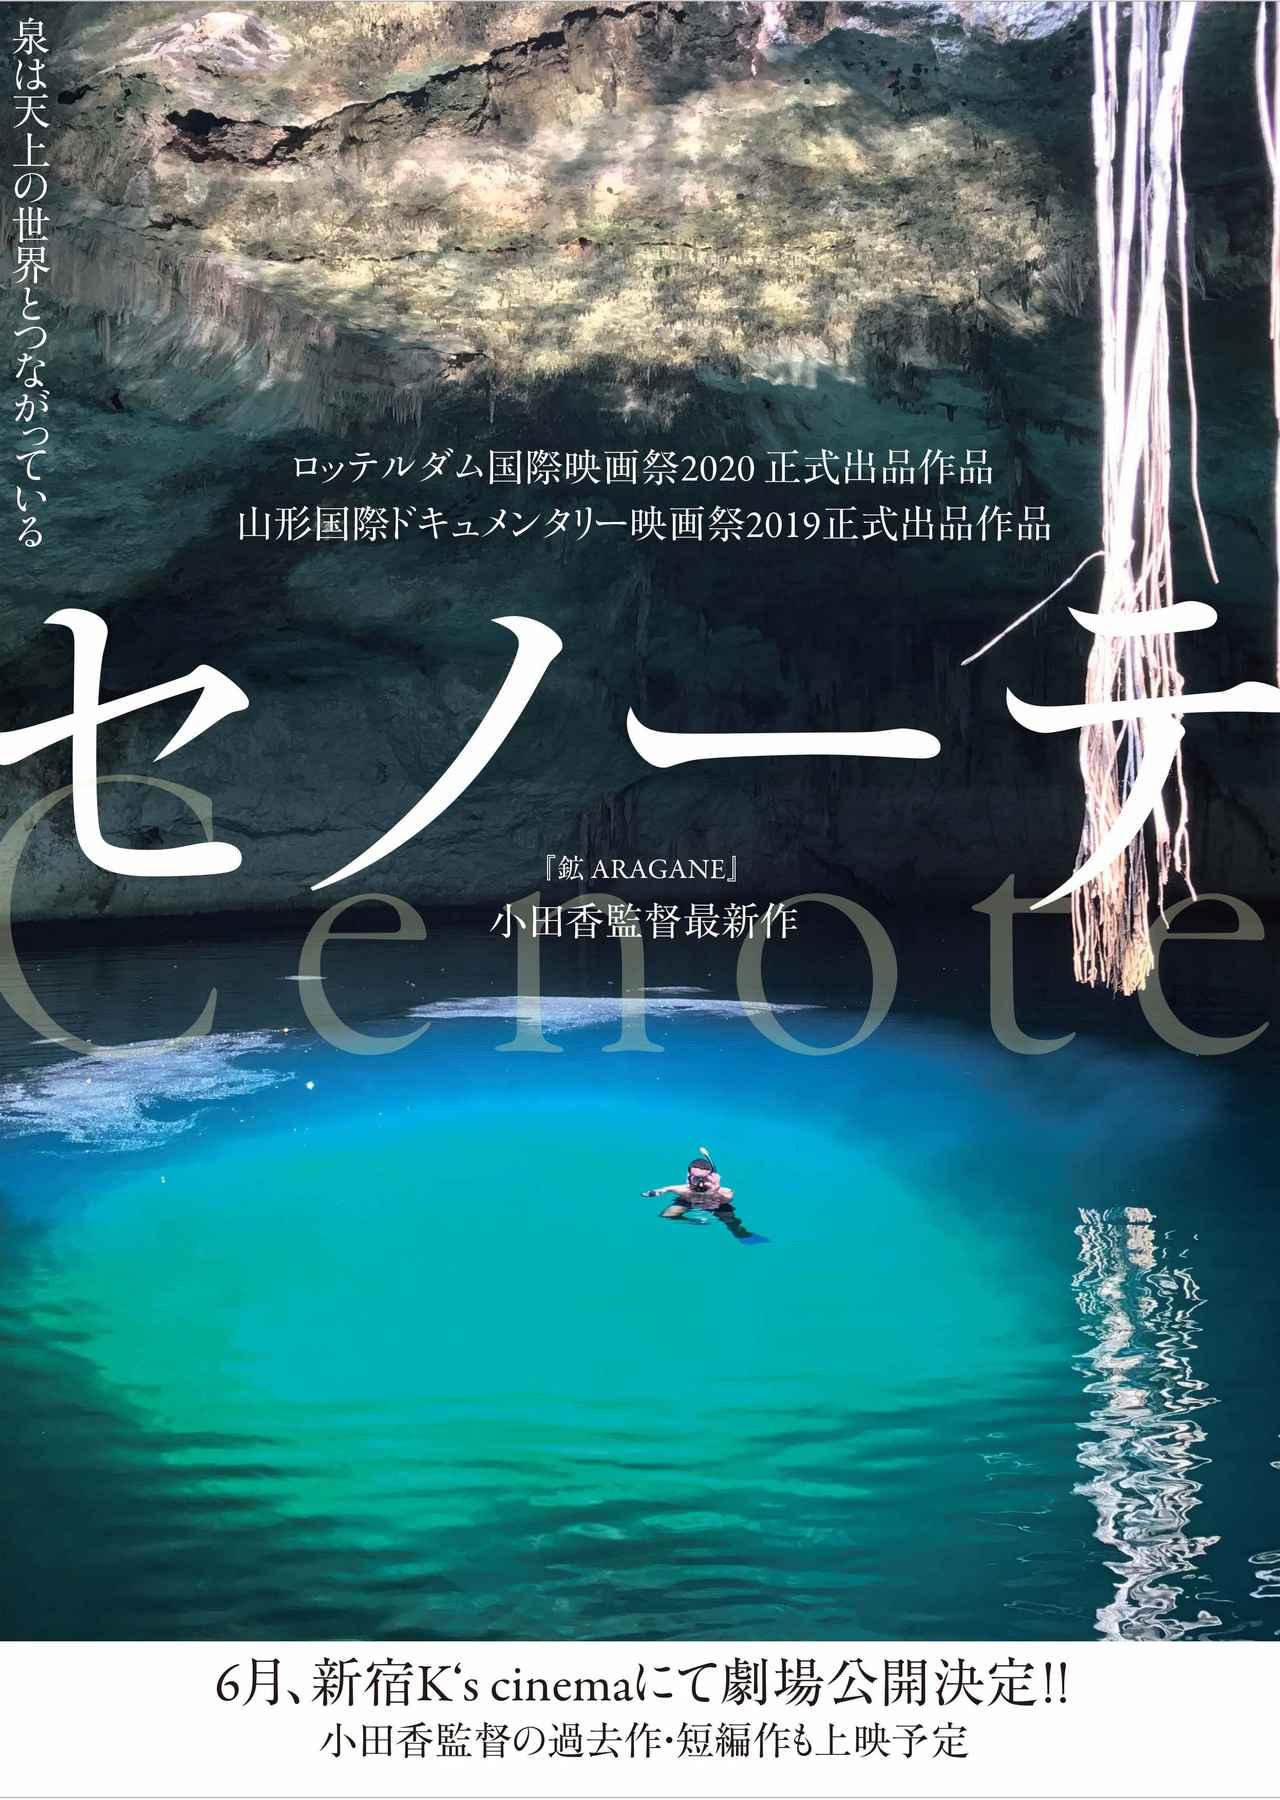 画像: 名匠タル・ベーラに師事した小田香監督の最新作が公開